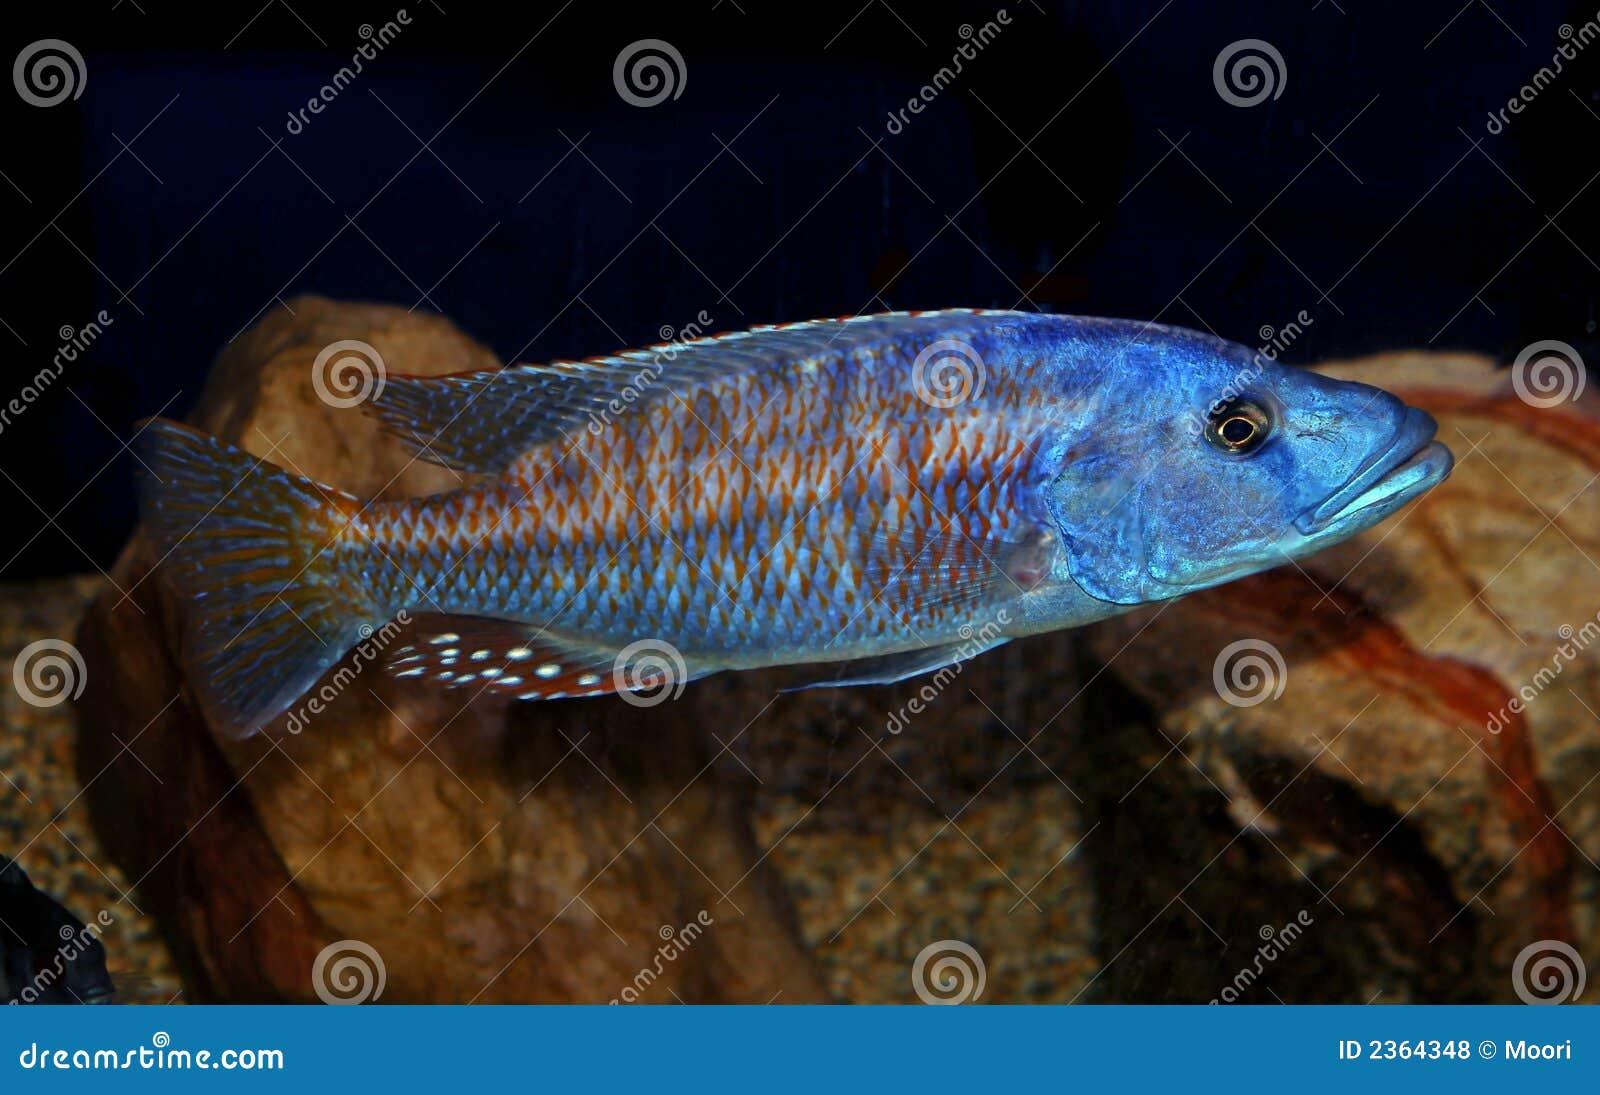 Colorful lake malawi cichlid stock photo image 2364348 for Lake malawi fish